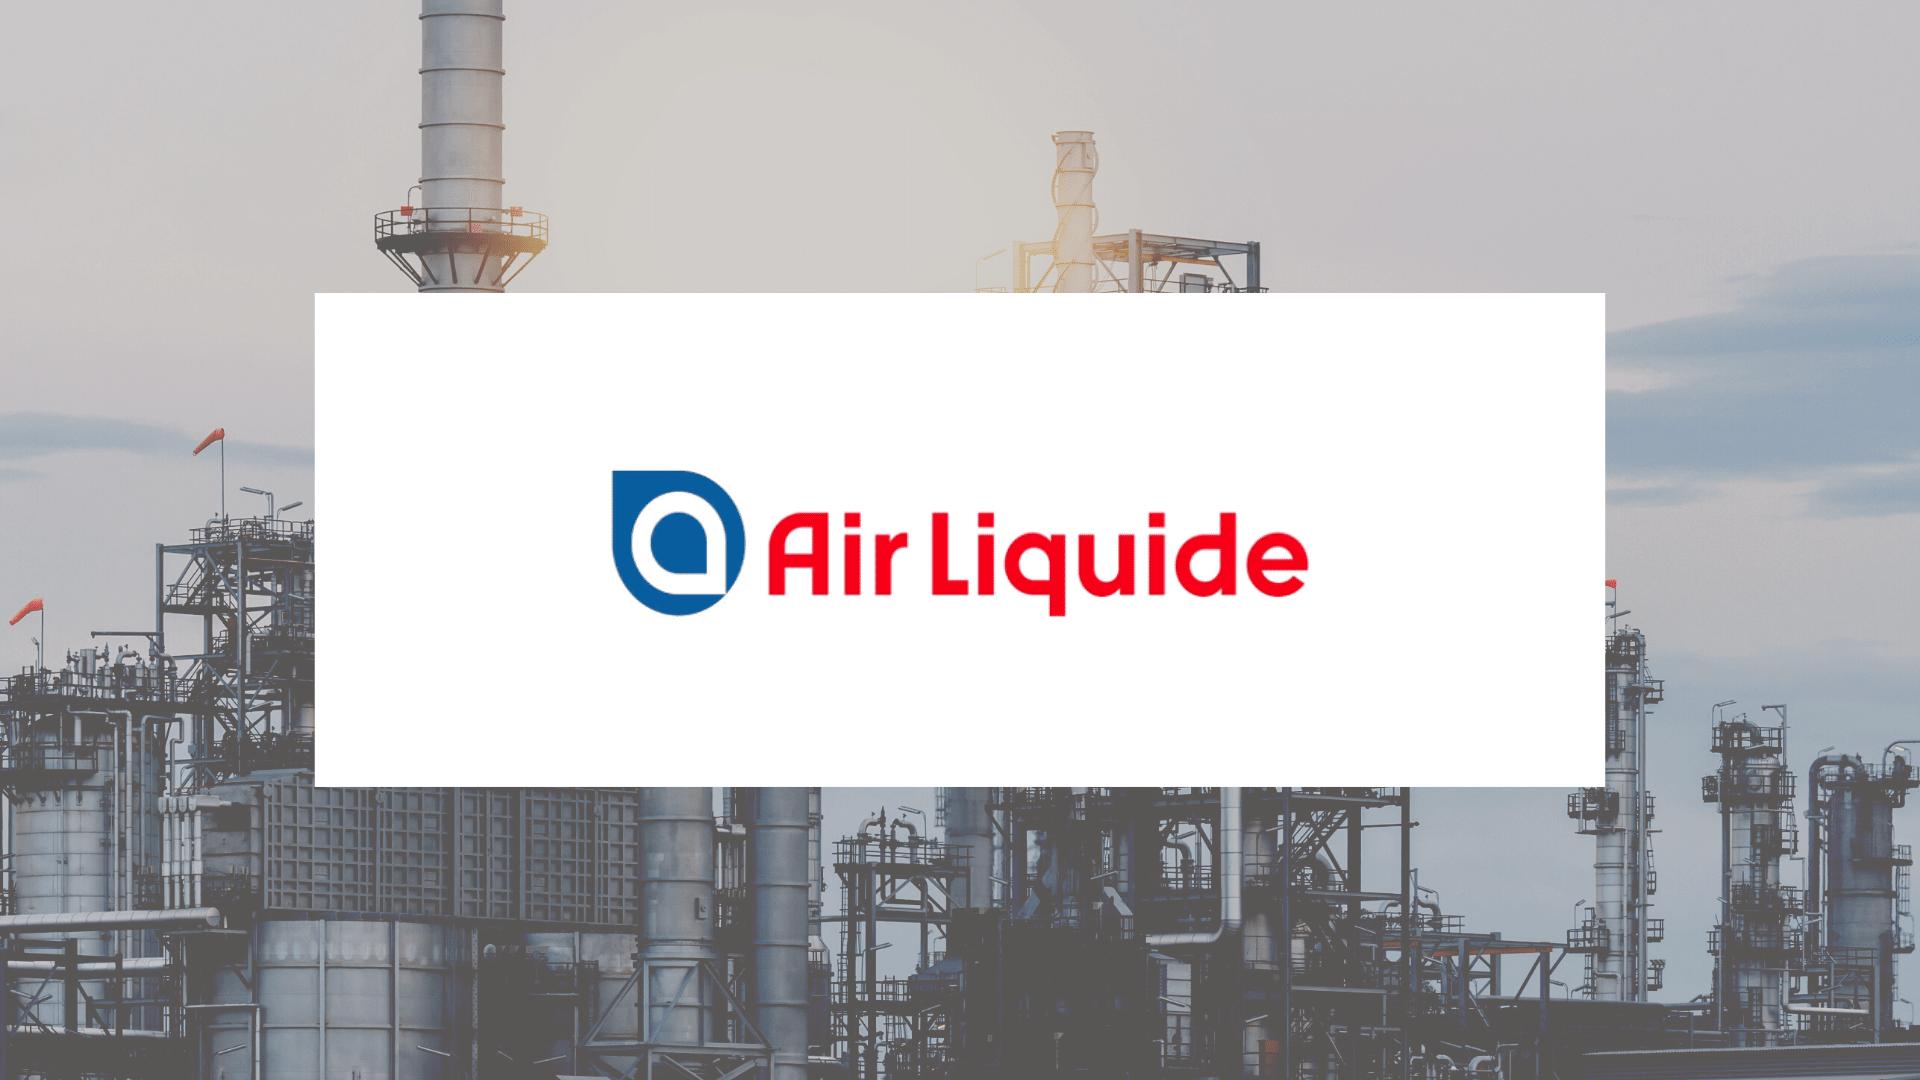 capa projeto Air liquide